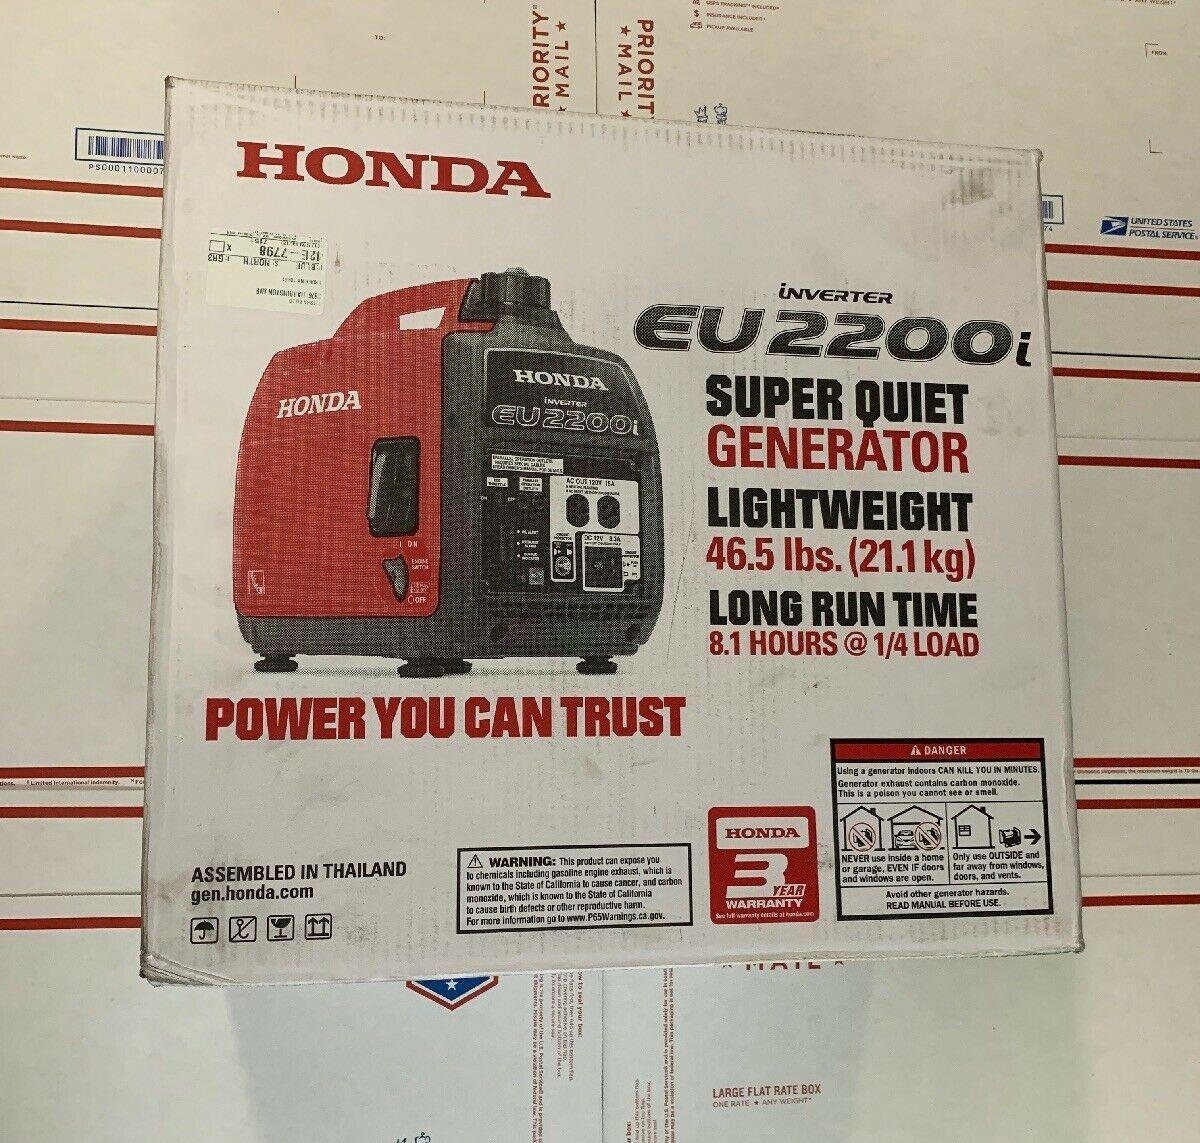 Honda Eu2200i 2200 Watt Super Quiet Gas Power Portable Inverter Generator 920 00 Power Gener Portable Inverter Generator Inverter Generator Power Generator